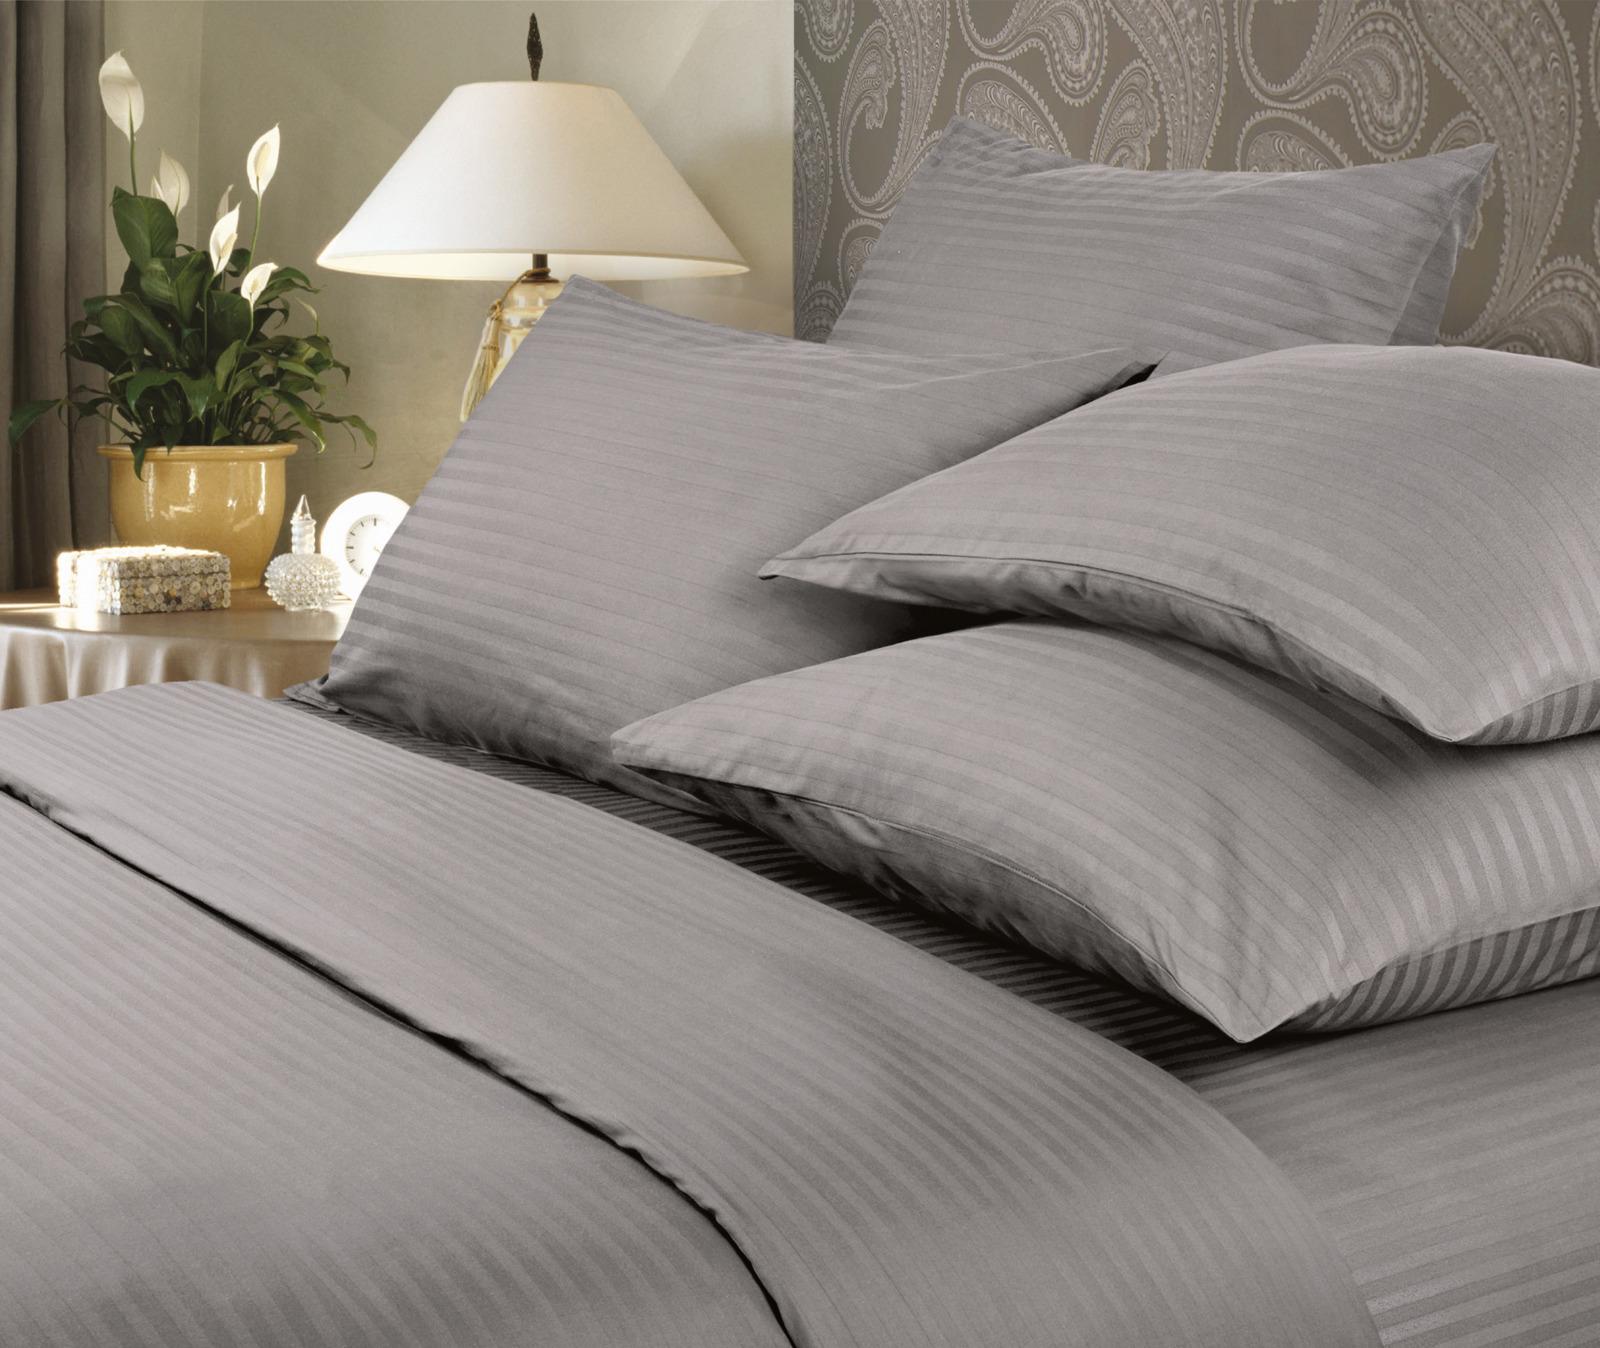 Комплект белья Verossa Gray, семейный, наволочки 50x70 и 70x70 комплект белья verossa gray 2 спальный наволочки 70x70